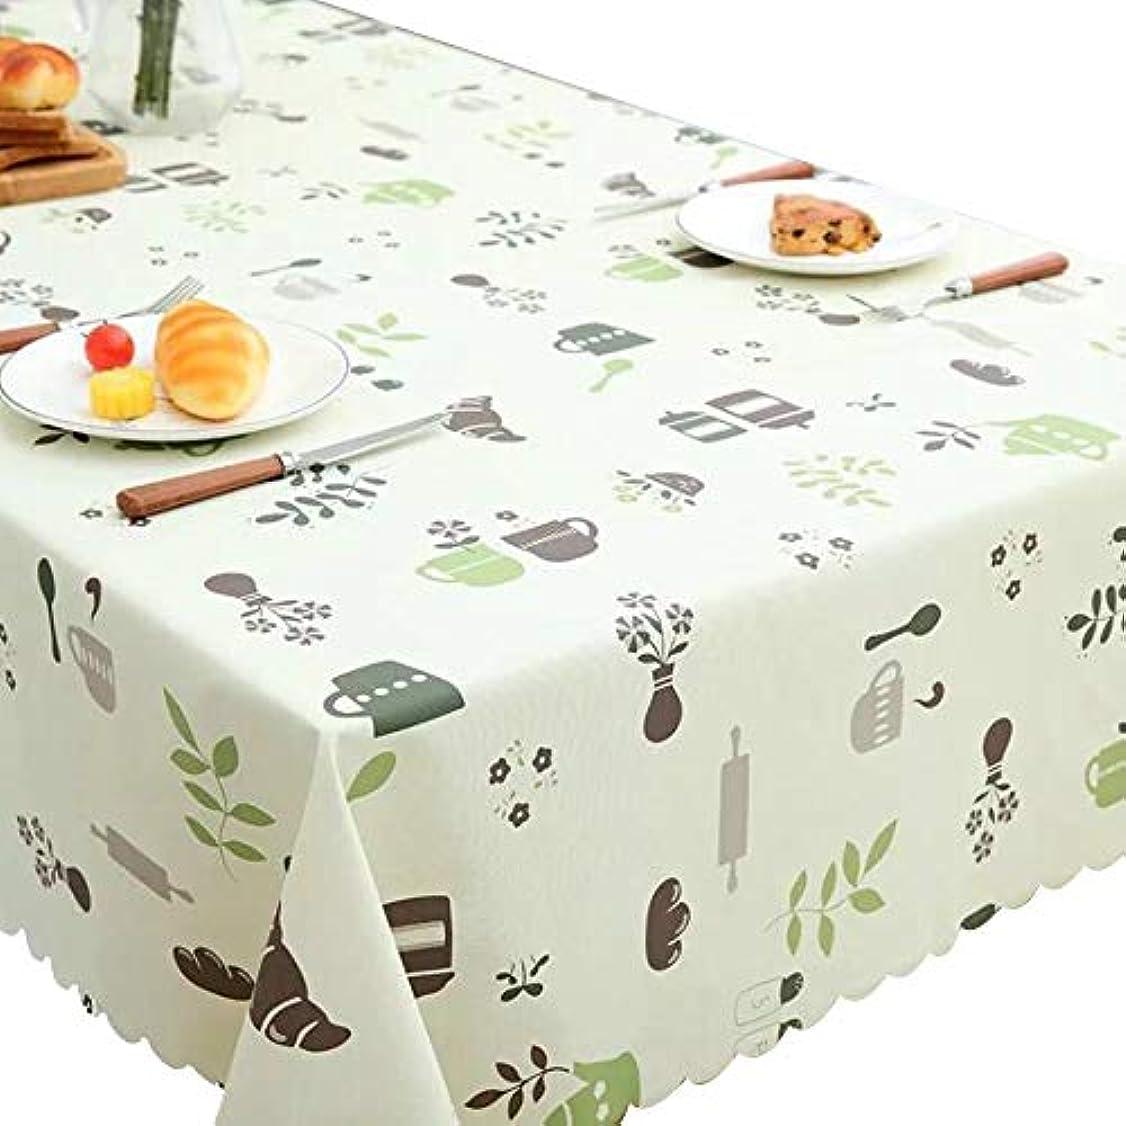 ストレッチ混雑辛なHANSHAN テーブルクロス テーブルクロスは、防水耐油PVC卓上プロテクターコーヒーテーブルは、テーブルラウンドテーブルクロス防塵テーブルカバー135×180cmのダイニング (Color : D, Size : 120×120 cm)